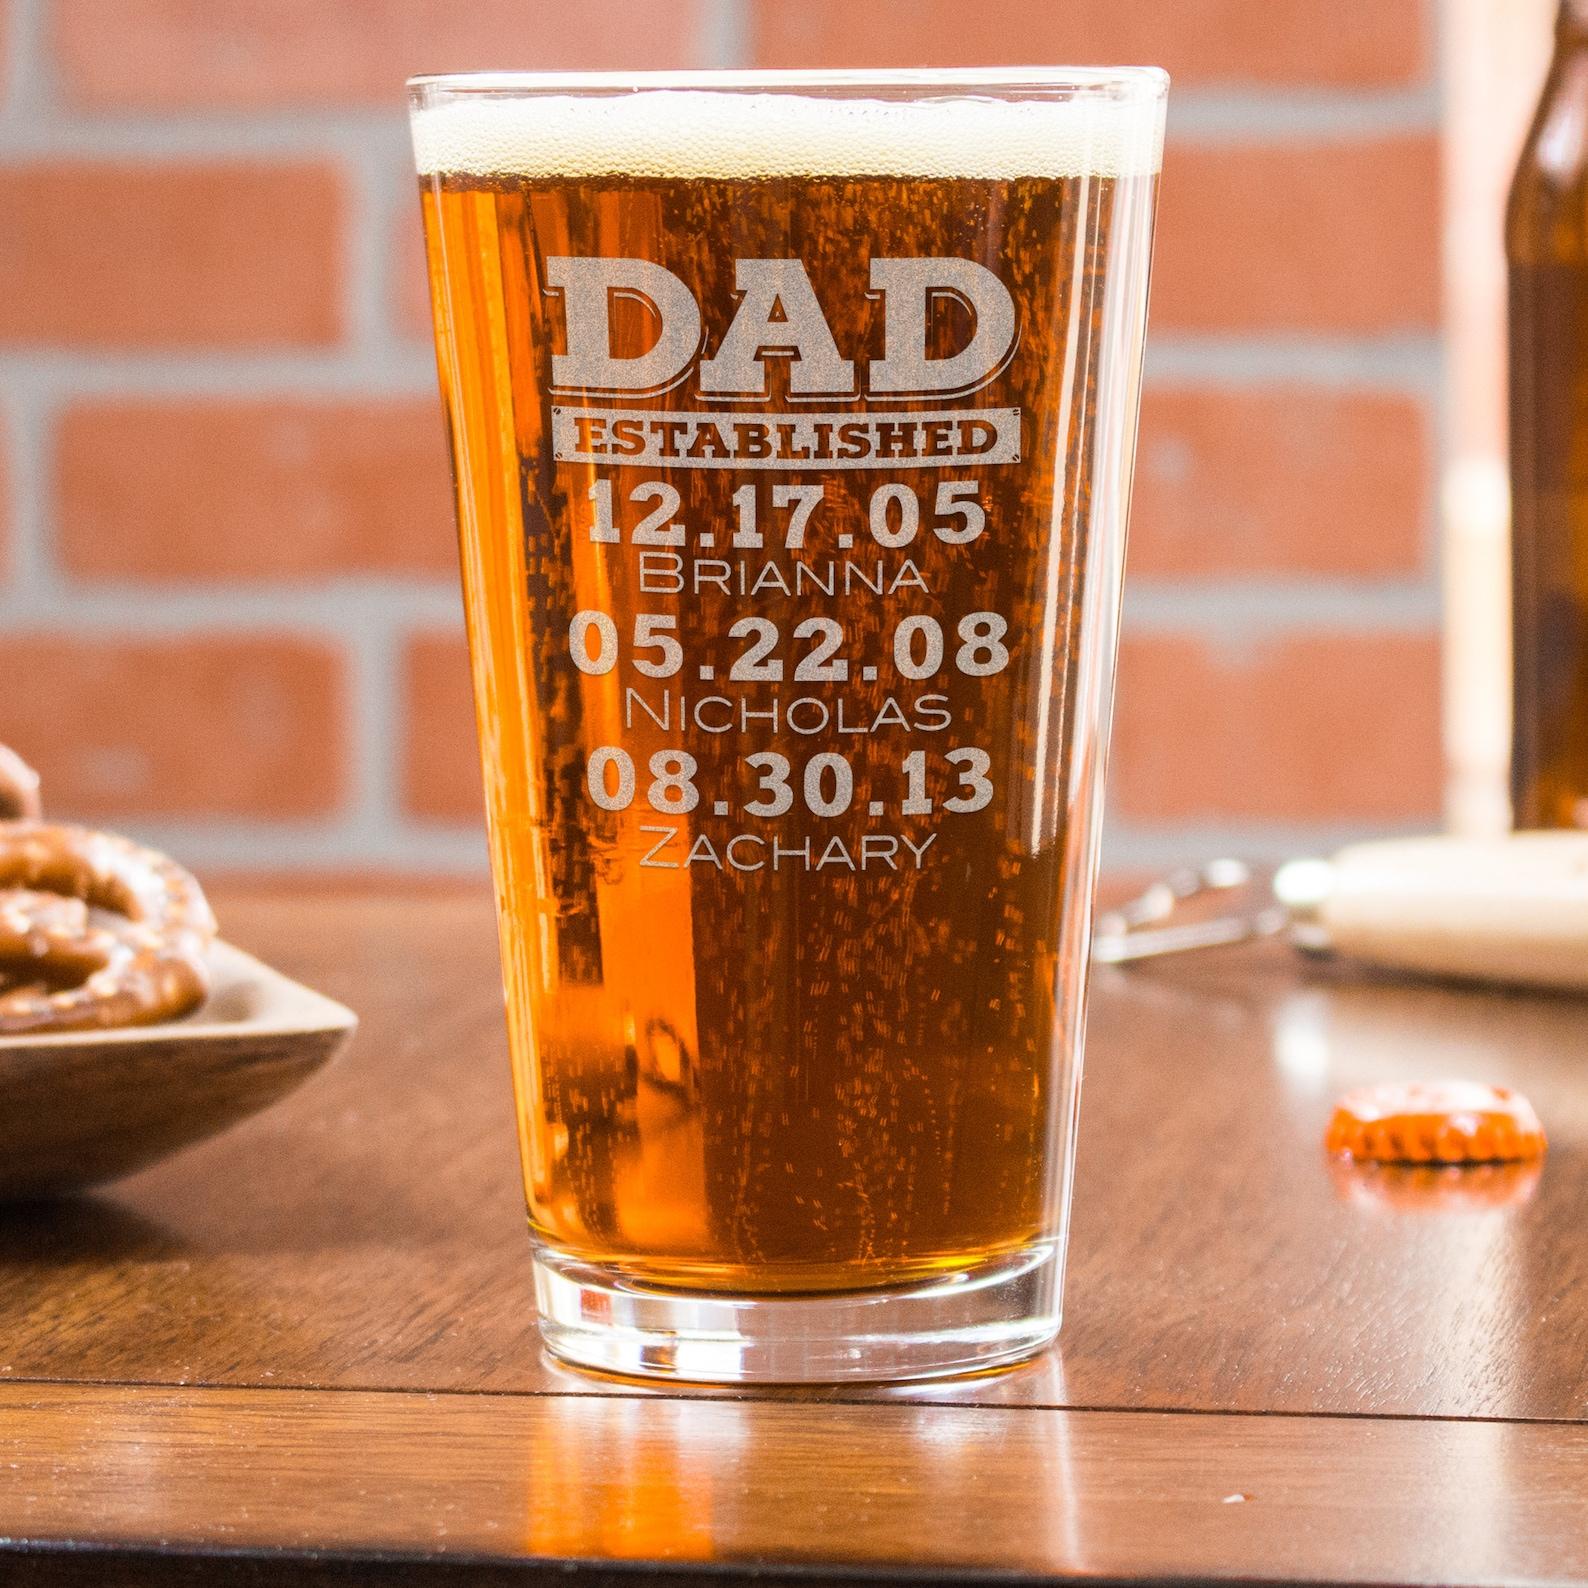 Dad Established Beer Glass